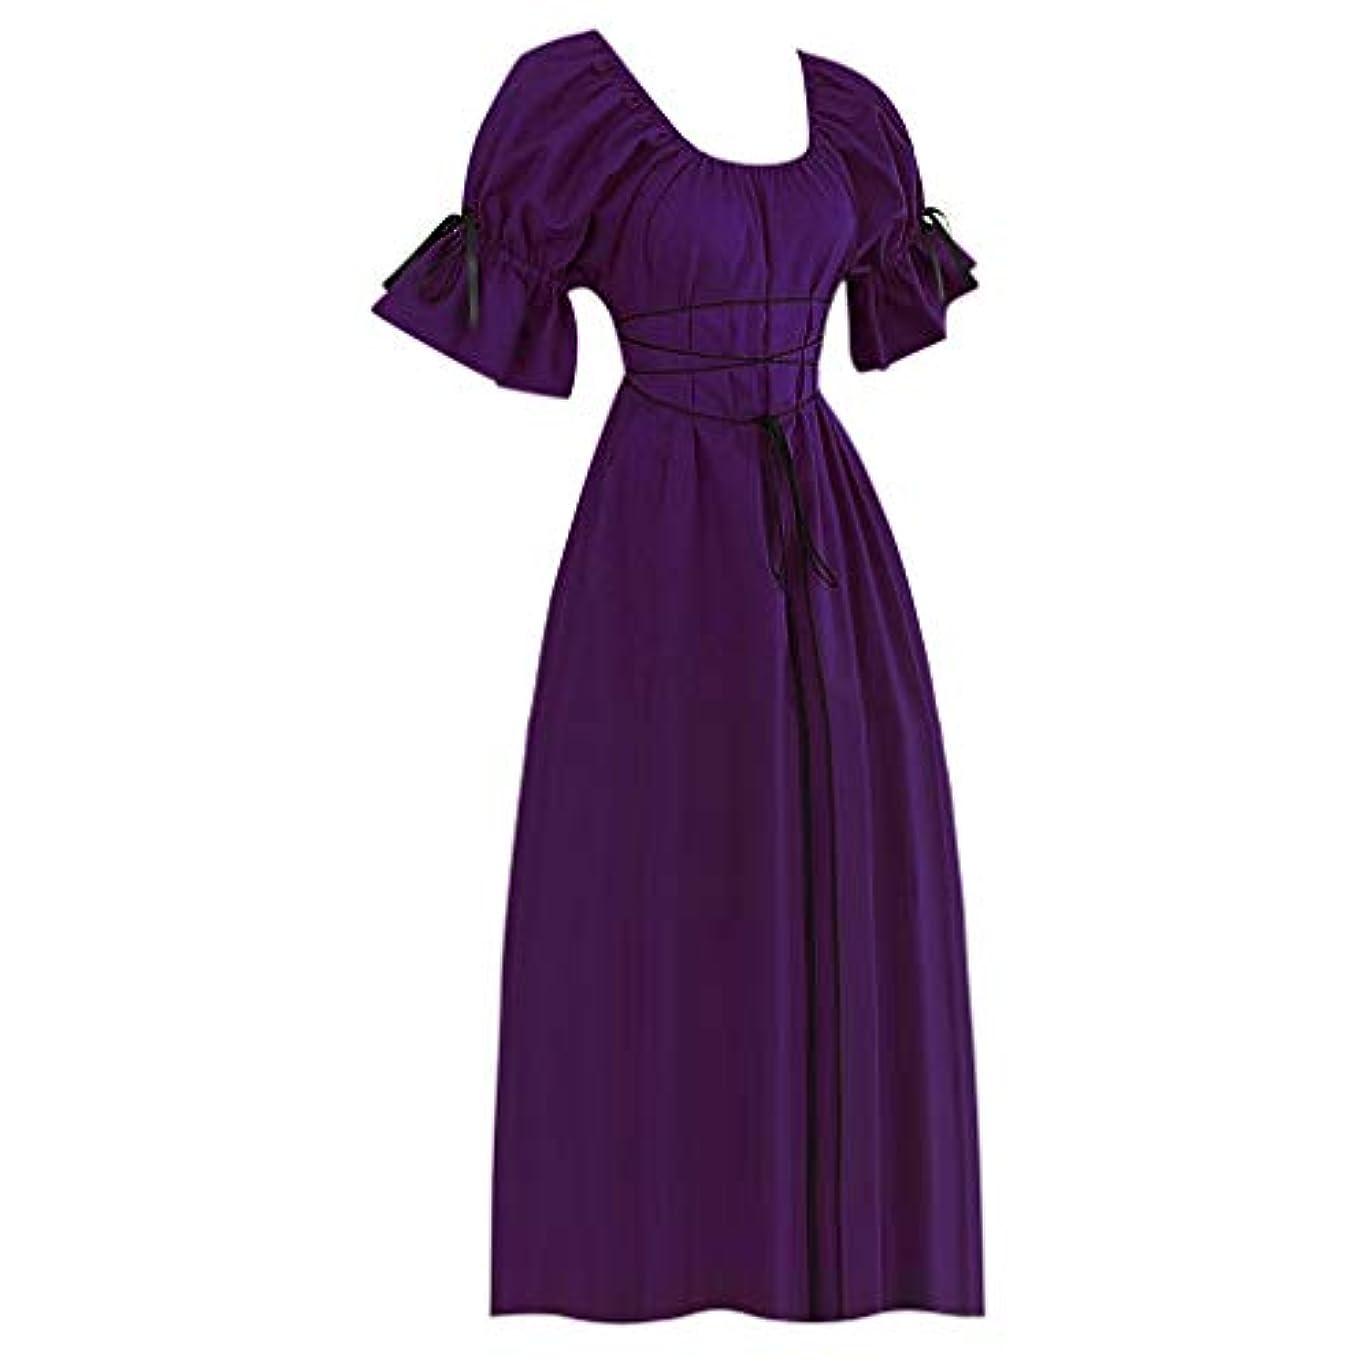 エンゲージメント南東教えるロングドレス ステージ衣装 レディース ドレス Huliyun マキシ丈ワンピース きれいめ オペラ声楽 中世貴族風 演奏会ドレス ステージドレス ブ シンデレラドレス コスチューム ドレス プリンセス